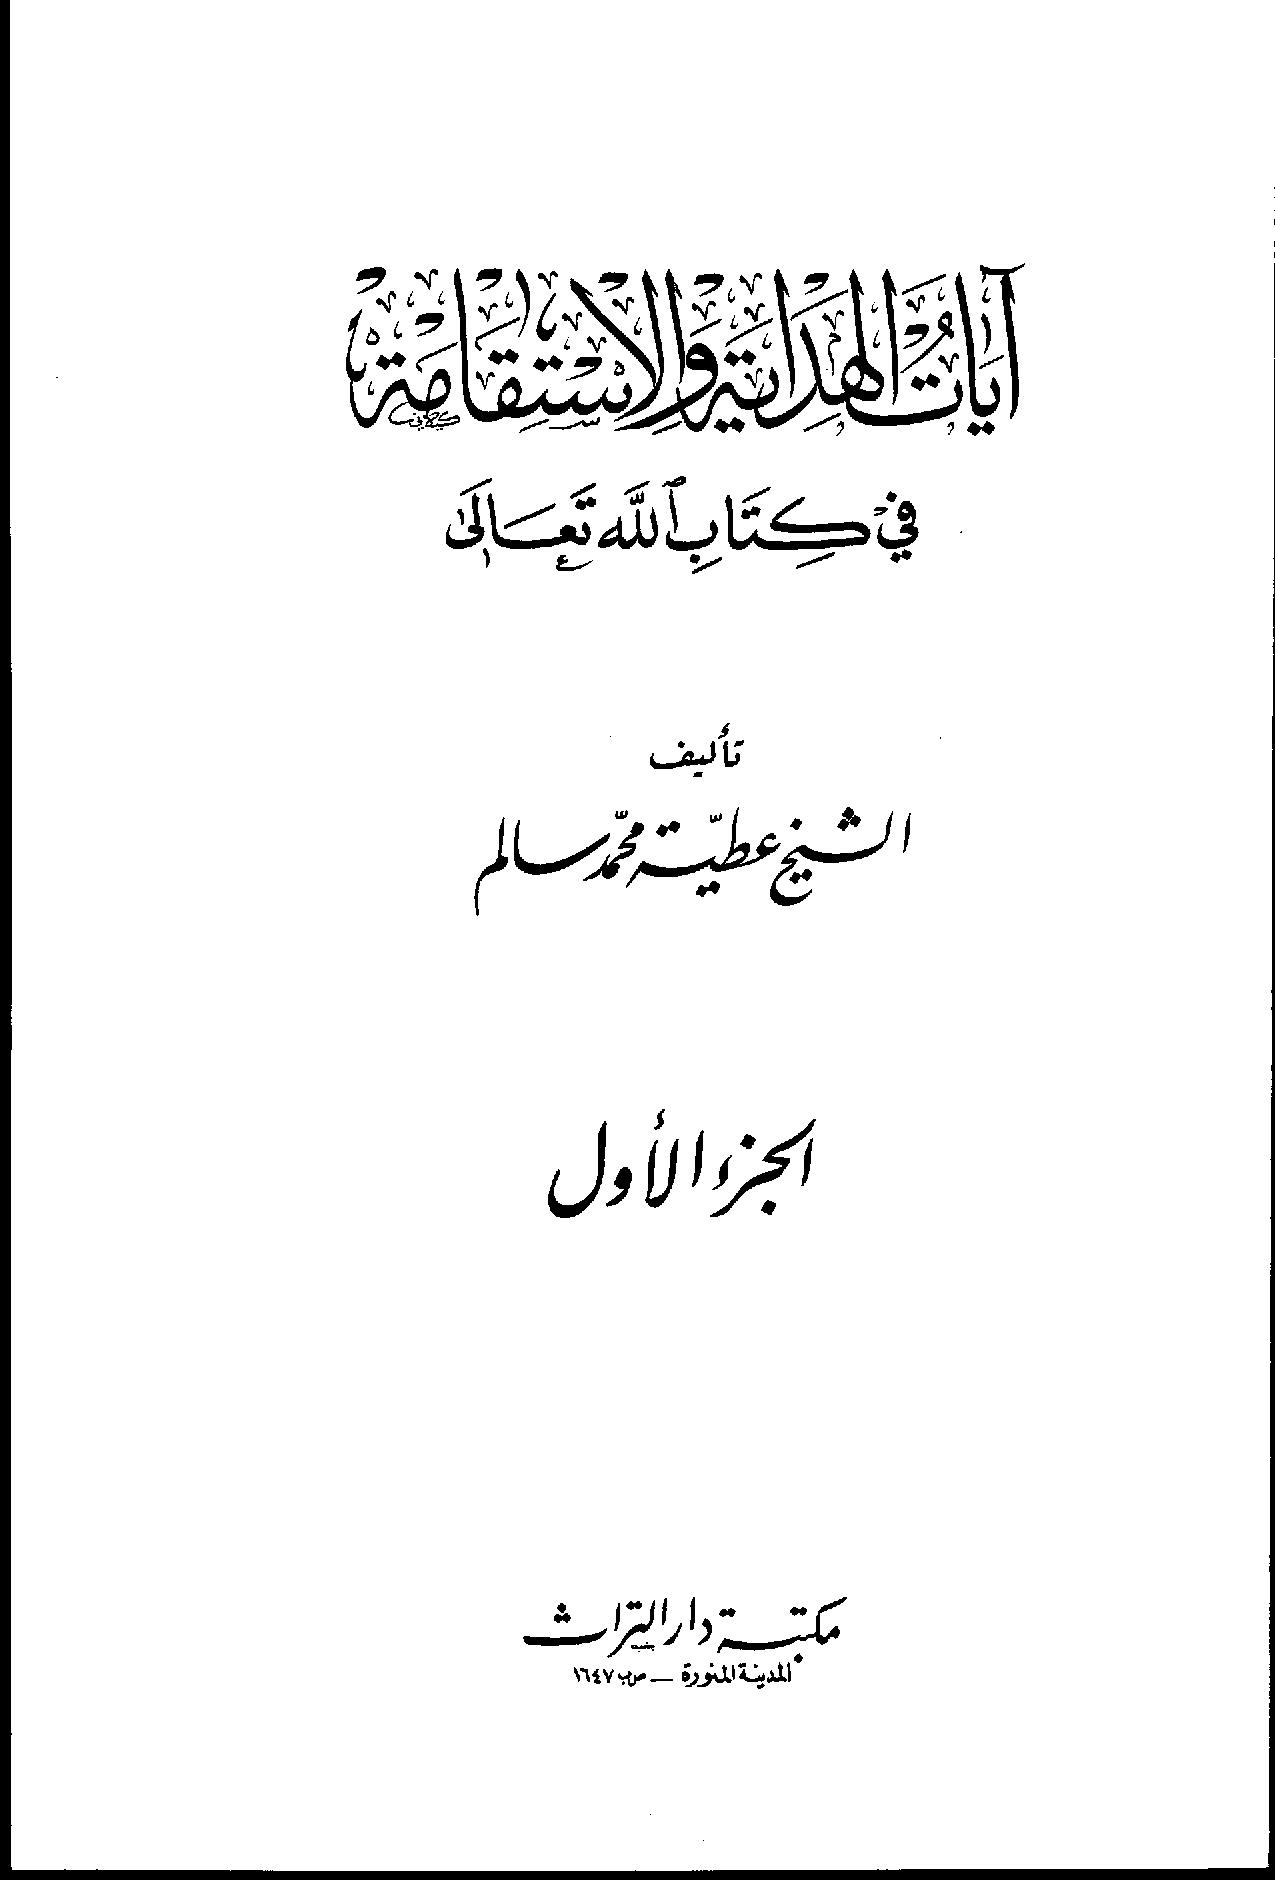 تحميل كتاب آيات الهداية والاستقامة في كتاب الله تعالى لـِ: الشيخ عطية محمد سالم (ت 1420)